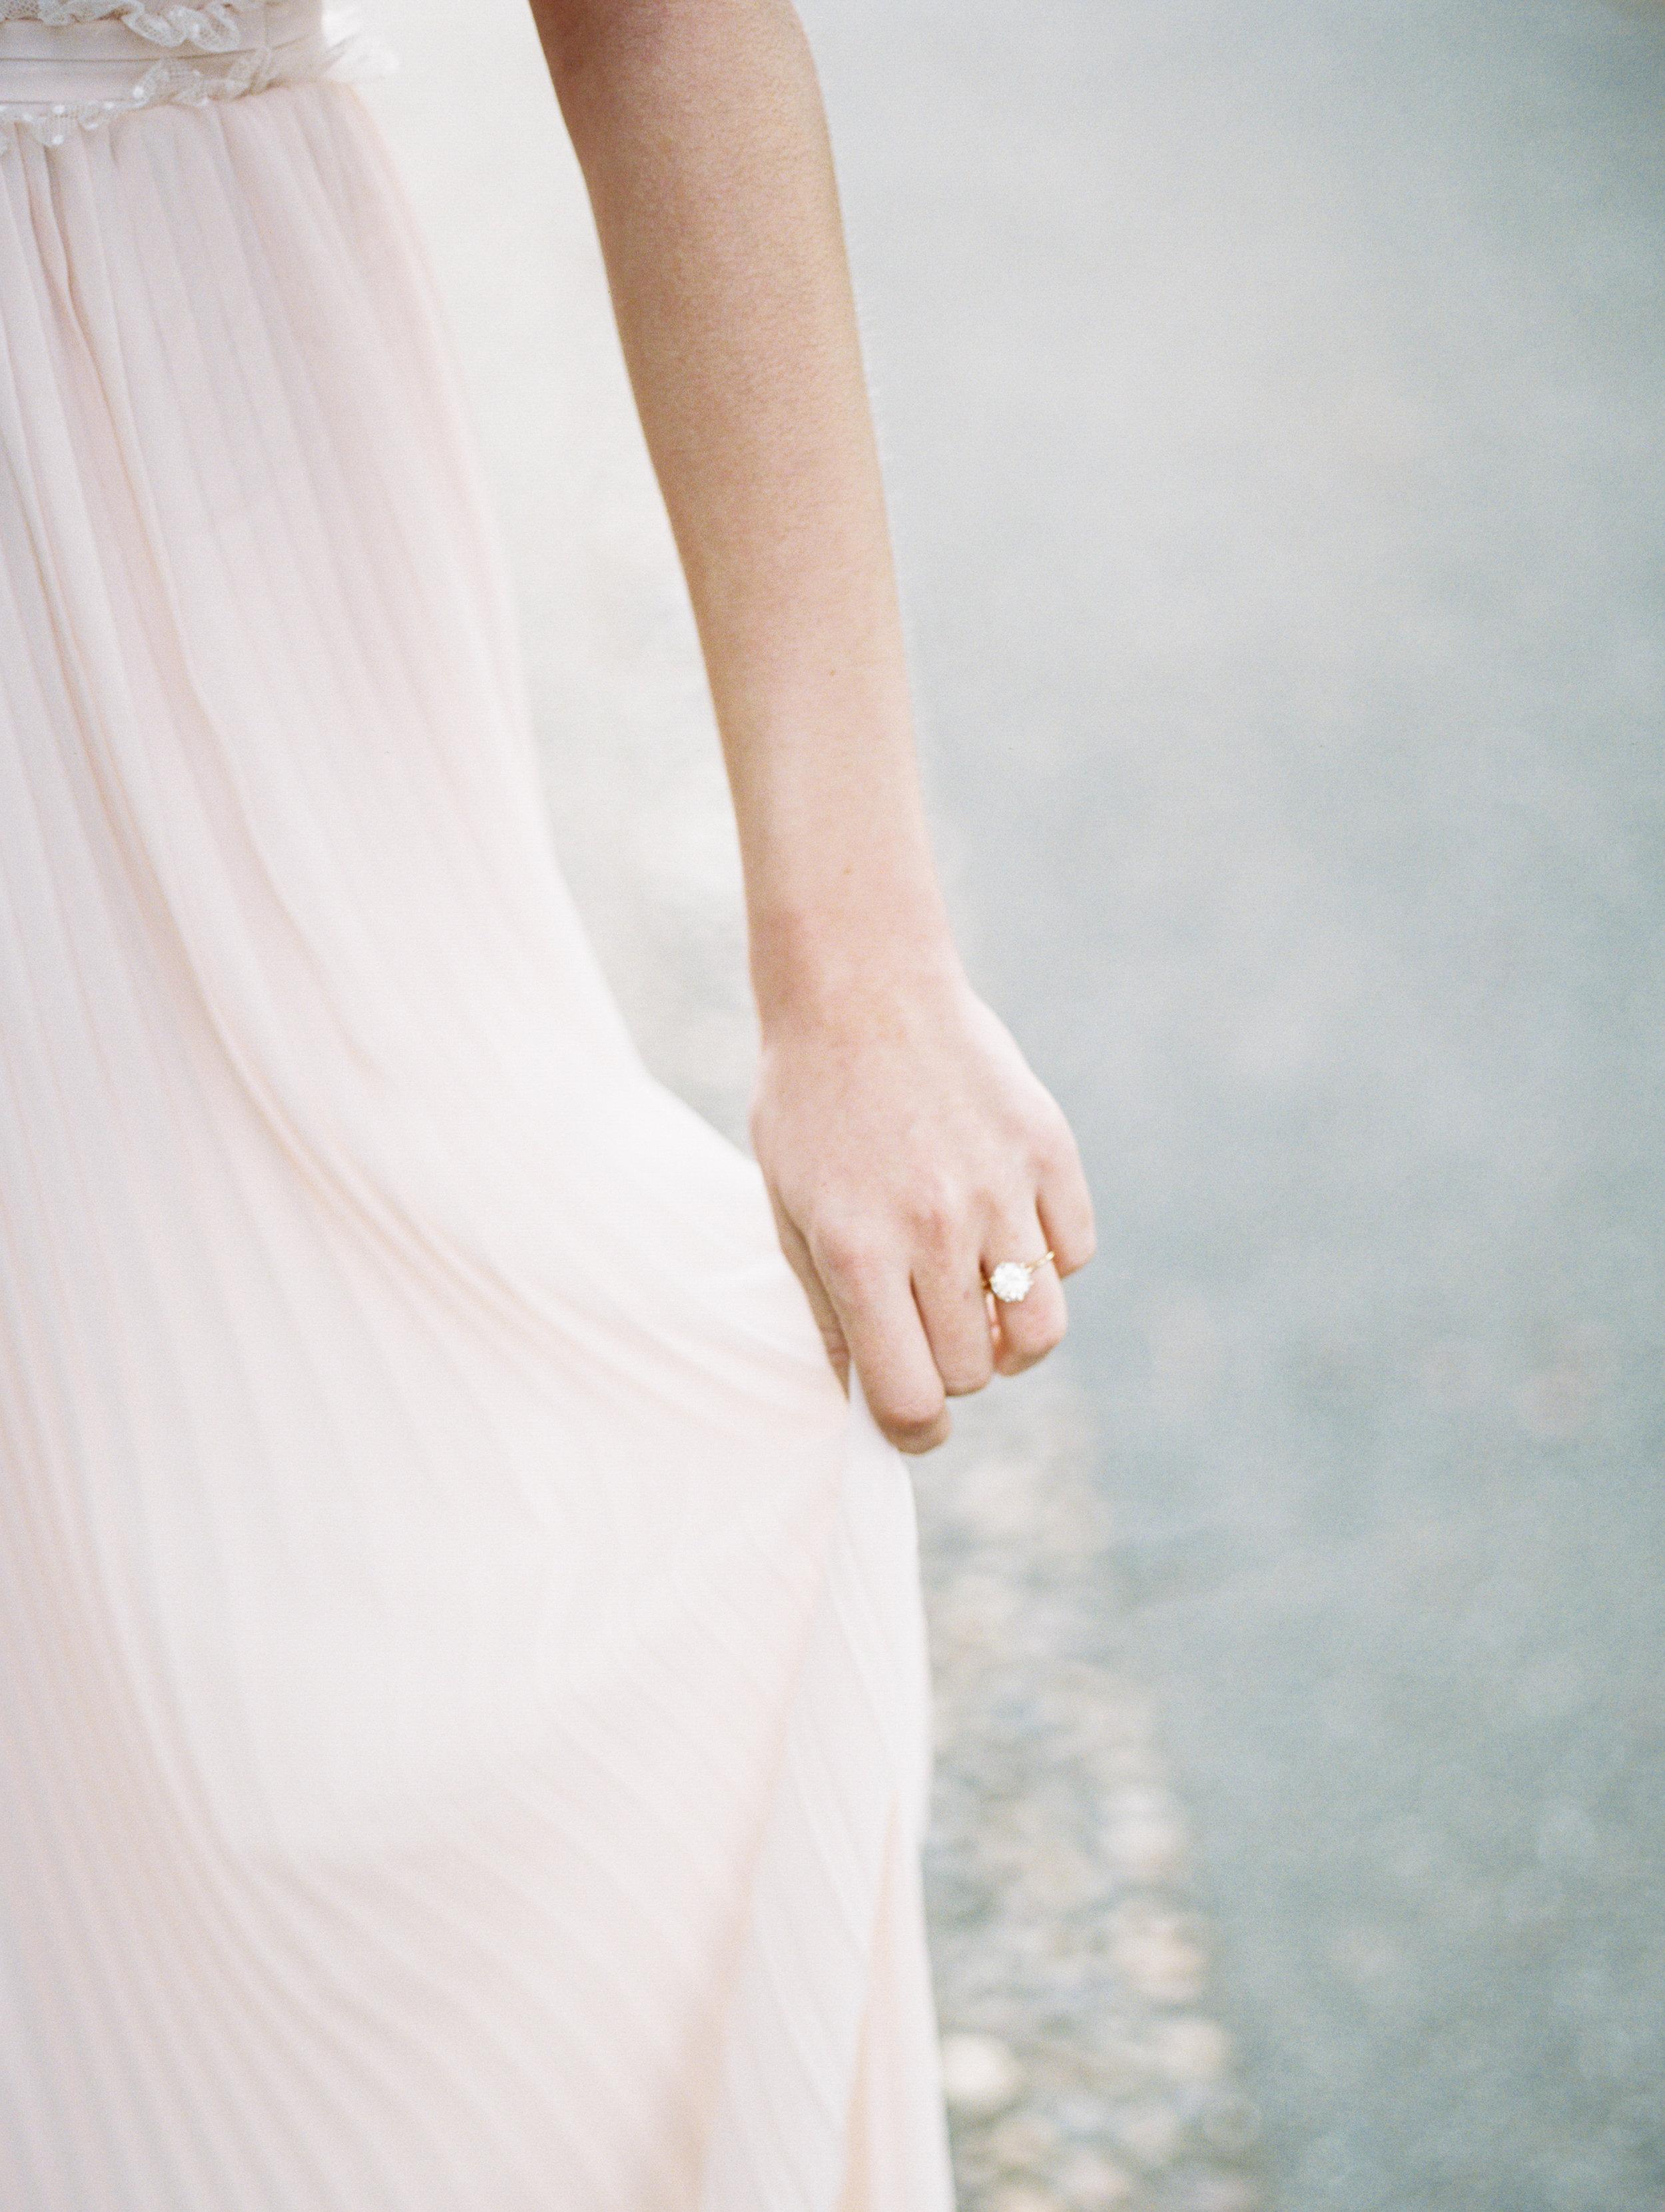 susie-saltzman-engagement-rings